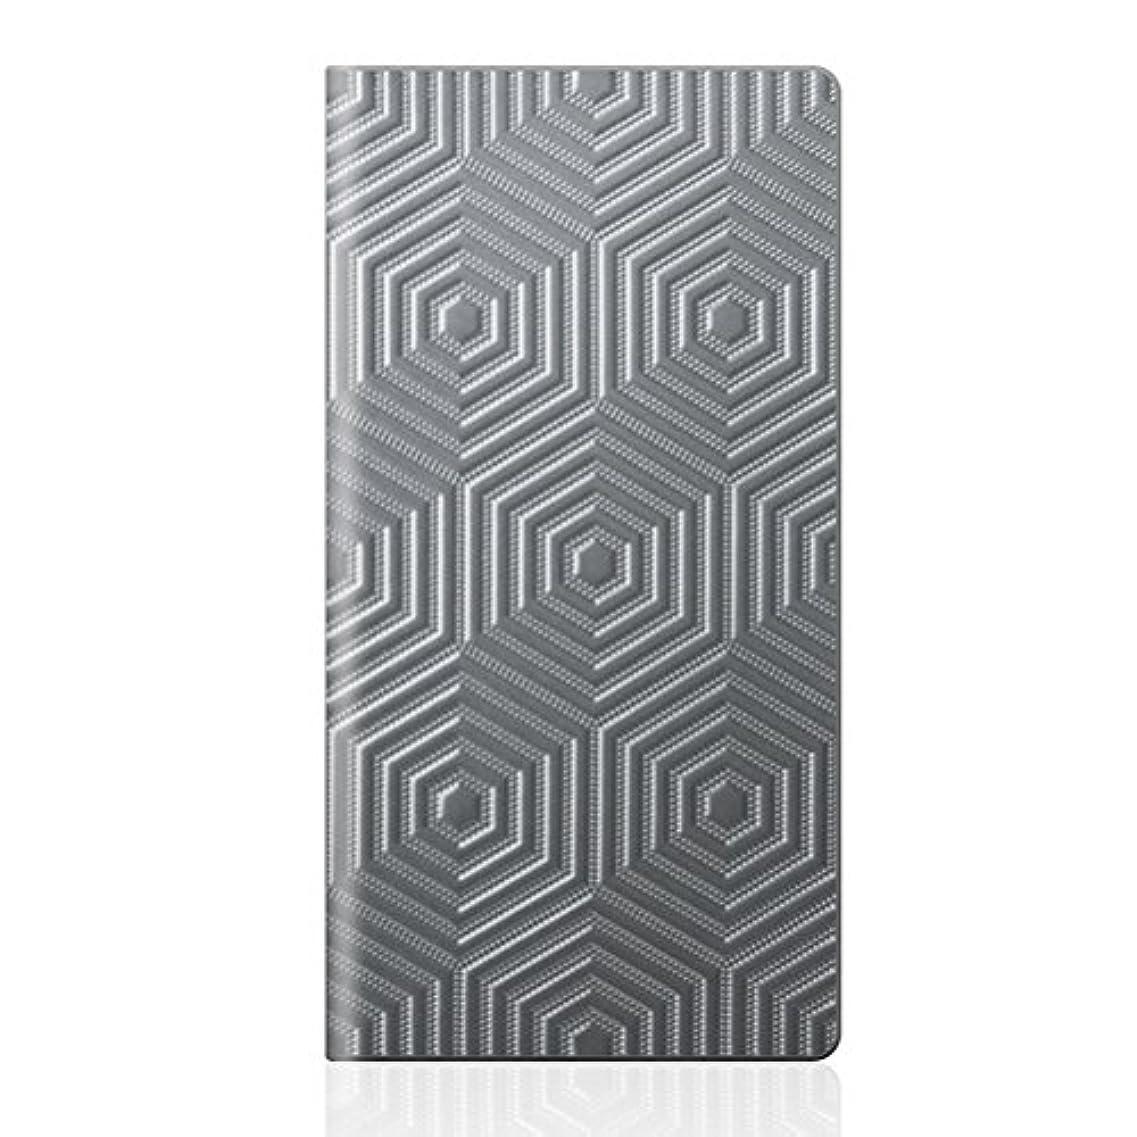 ファン動作ダッシュ【日本正規代理店品】SLG Design iPhone 6s Plus/6 Plus ケース D4 Metal Leather Diary シルバー ダイアリータイプ SD4838i6P